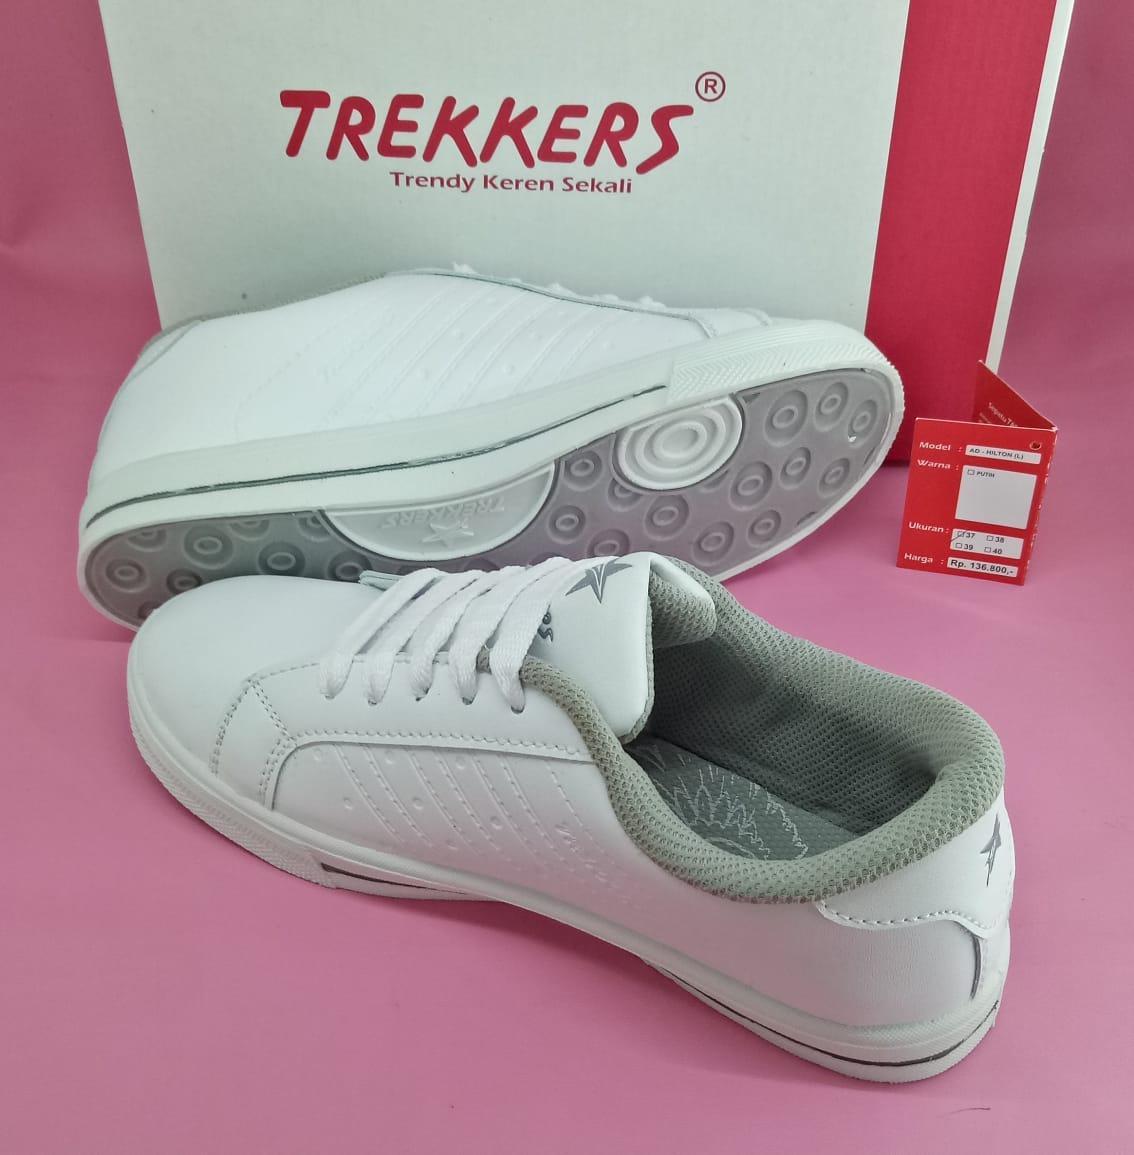 Fitur Trekkers Hilton Sepatu Senam Wanita Putih 37 40 Dan Harga Ardiles Estelle Women Running Shoes Hitam 39 Detail Gambar Terbaru